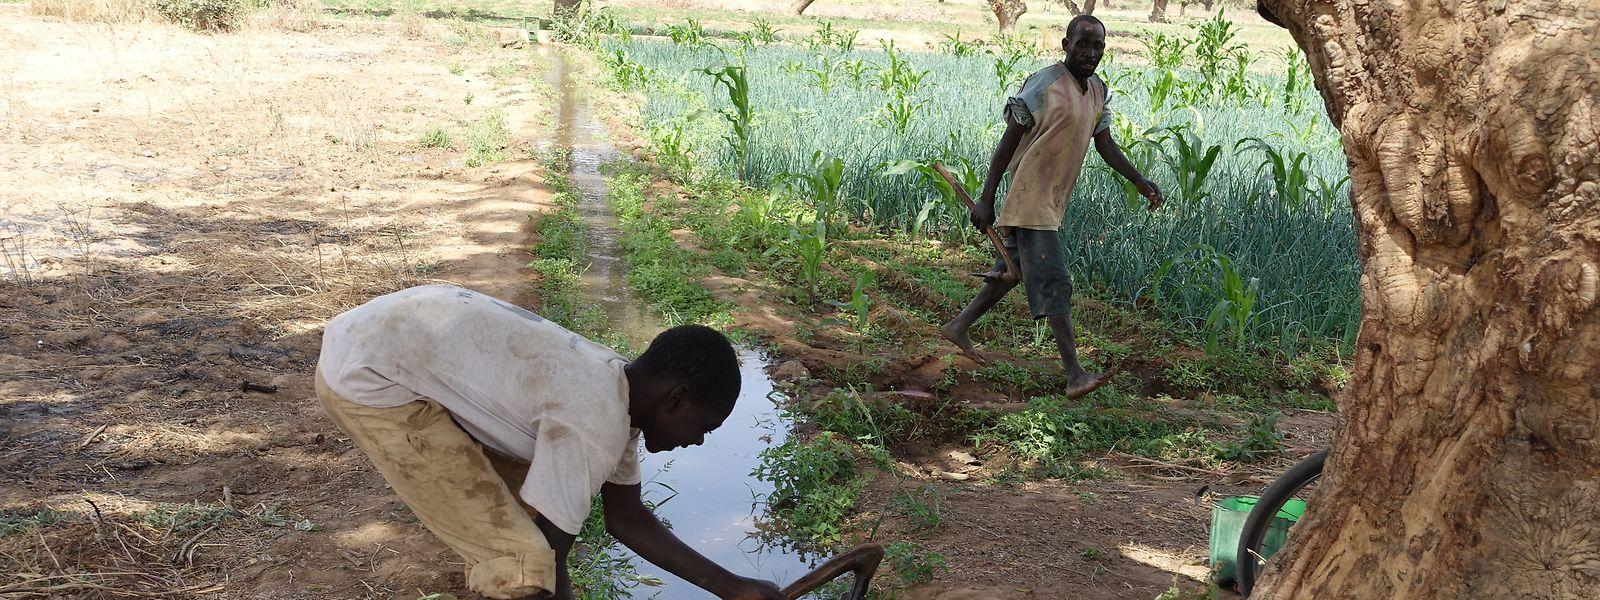 Feldarbeiter legen in Burkina Faso Gräben zur Bewässerung von Ackerflächen an.